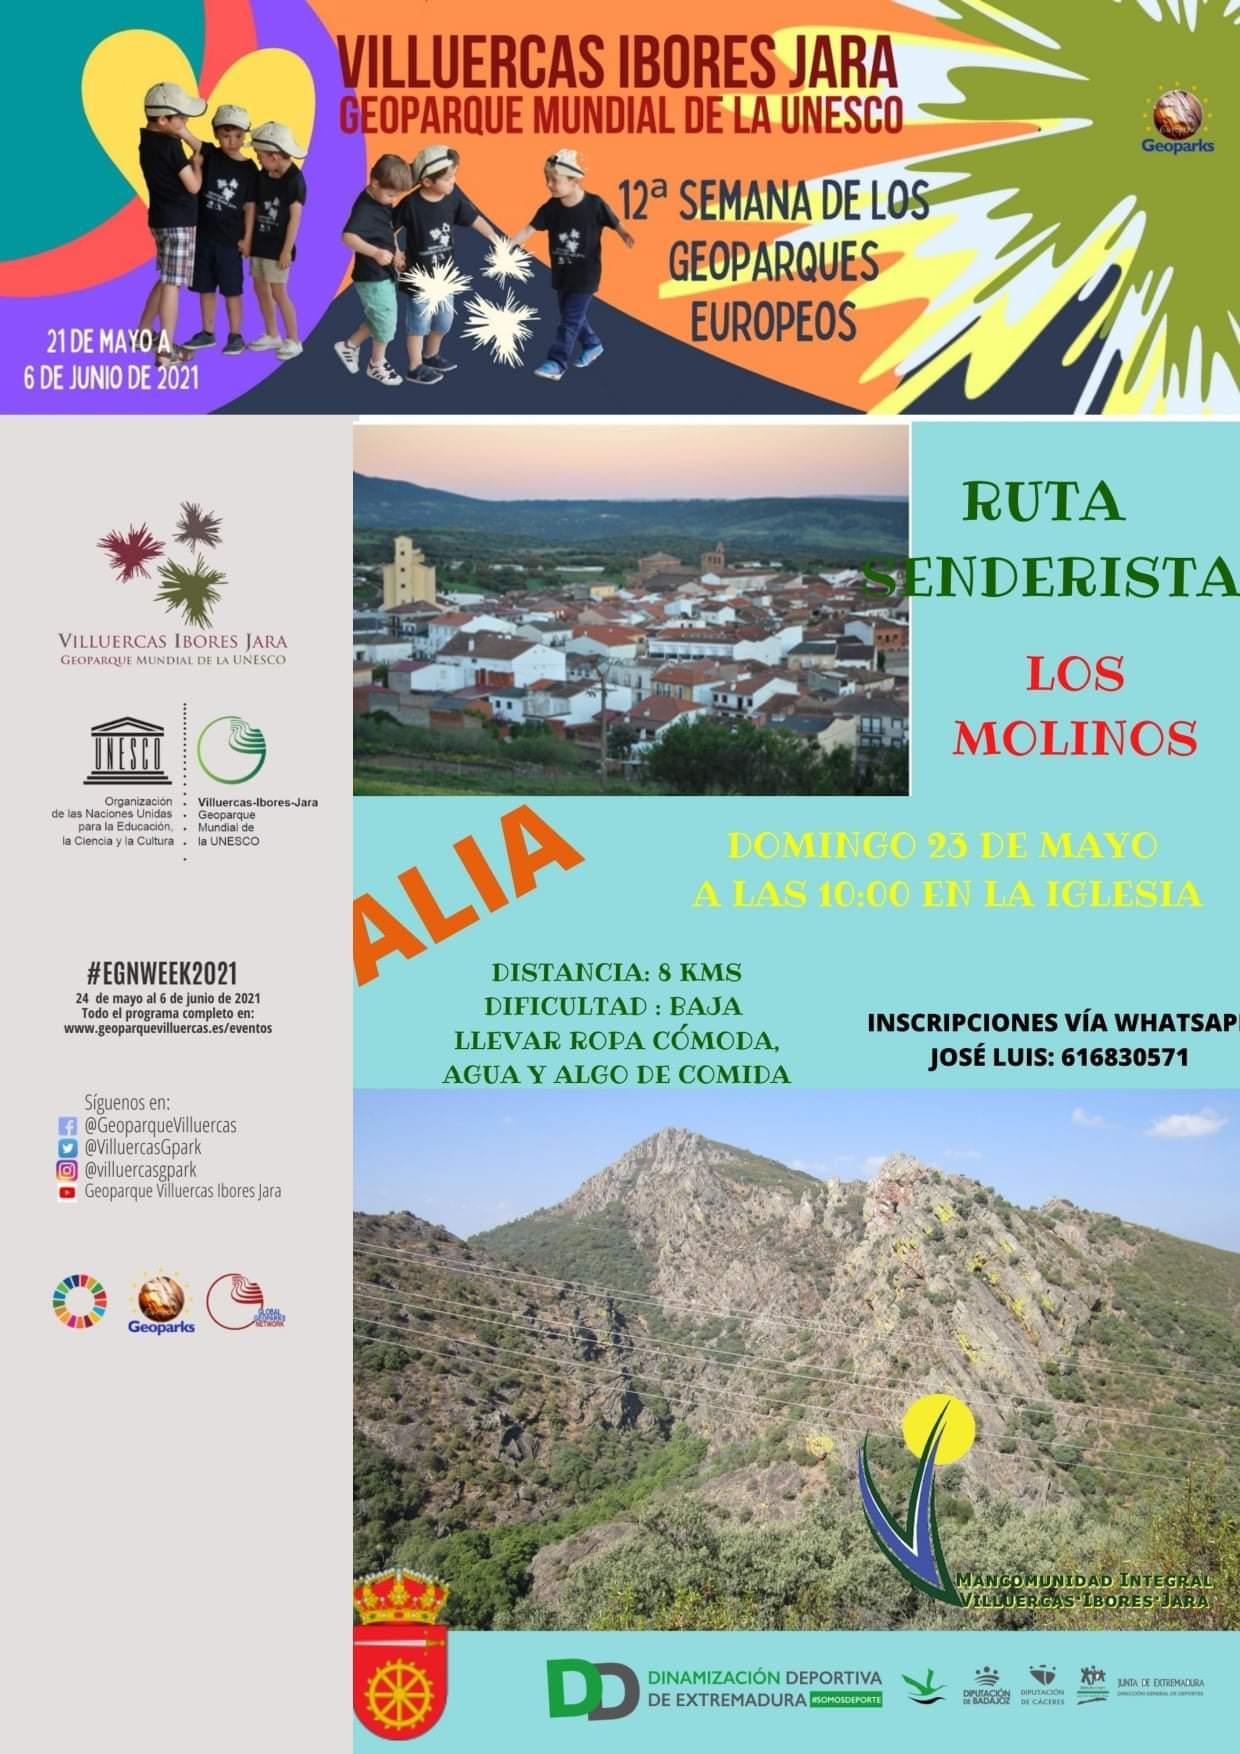 Ruta senderista Los molinos (2021) - Alía (Cáceres)